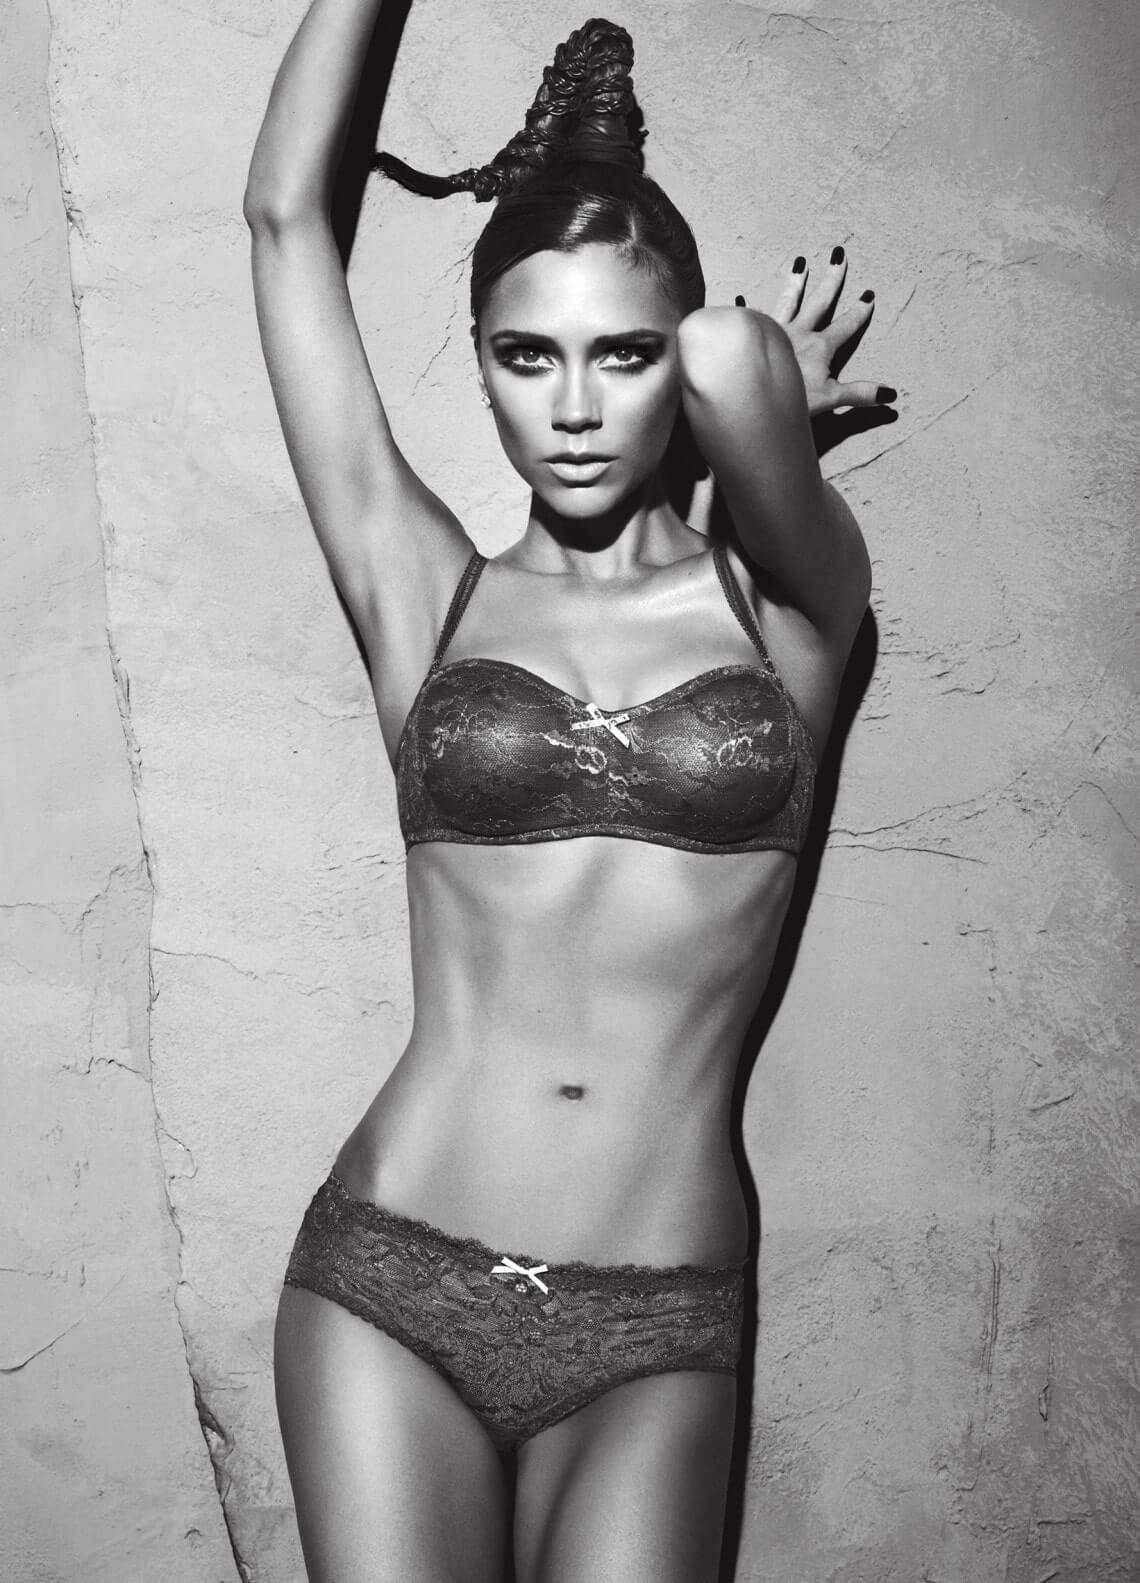 Victoria Beckham hot bikini pic